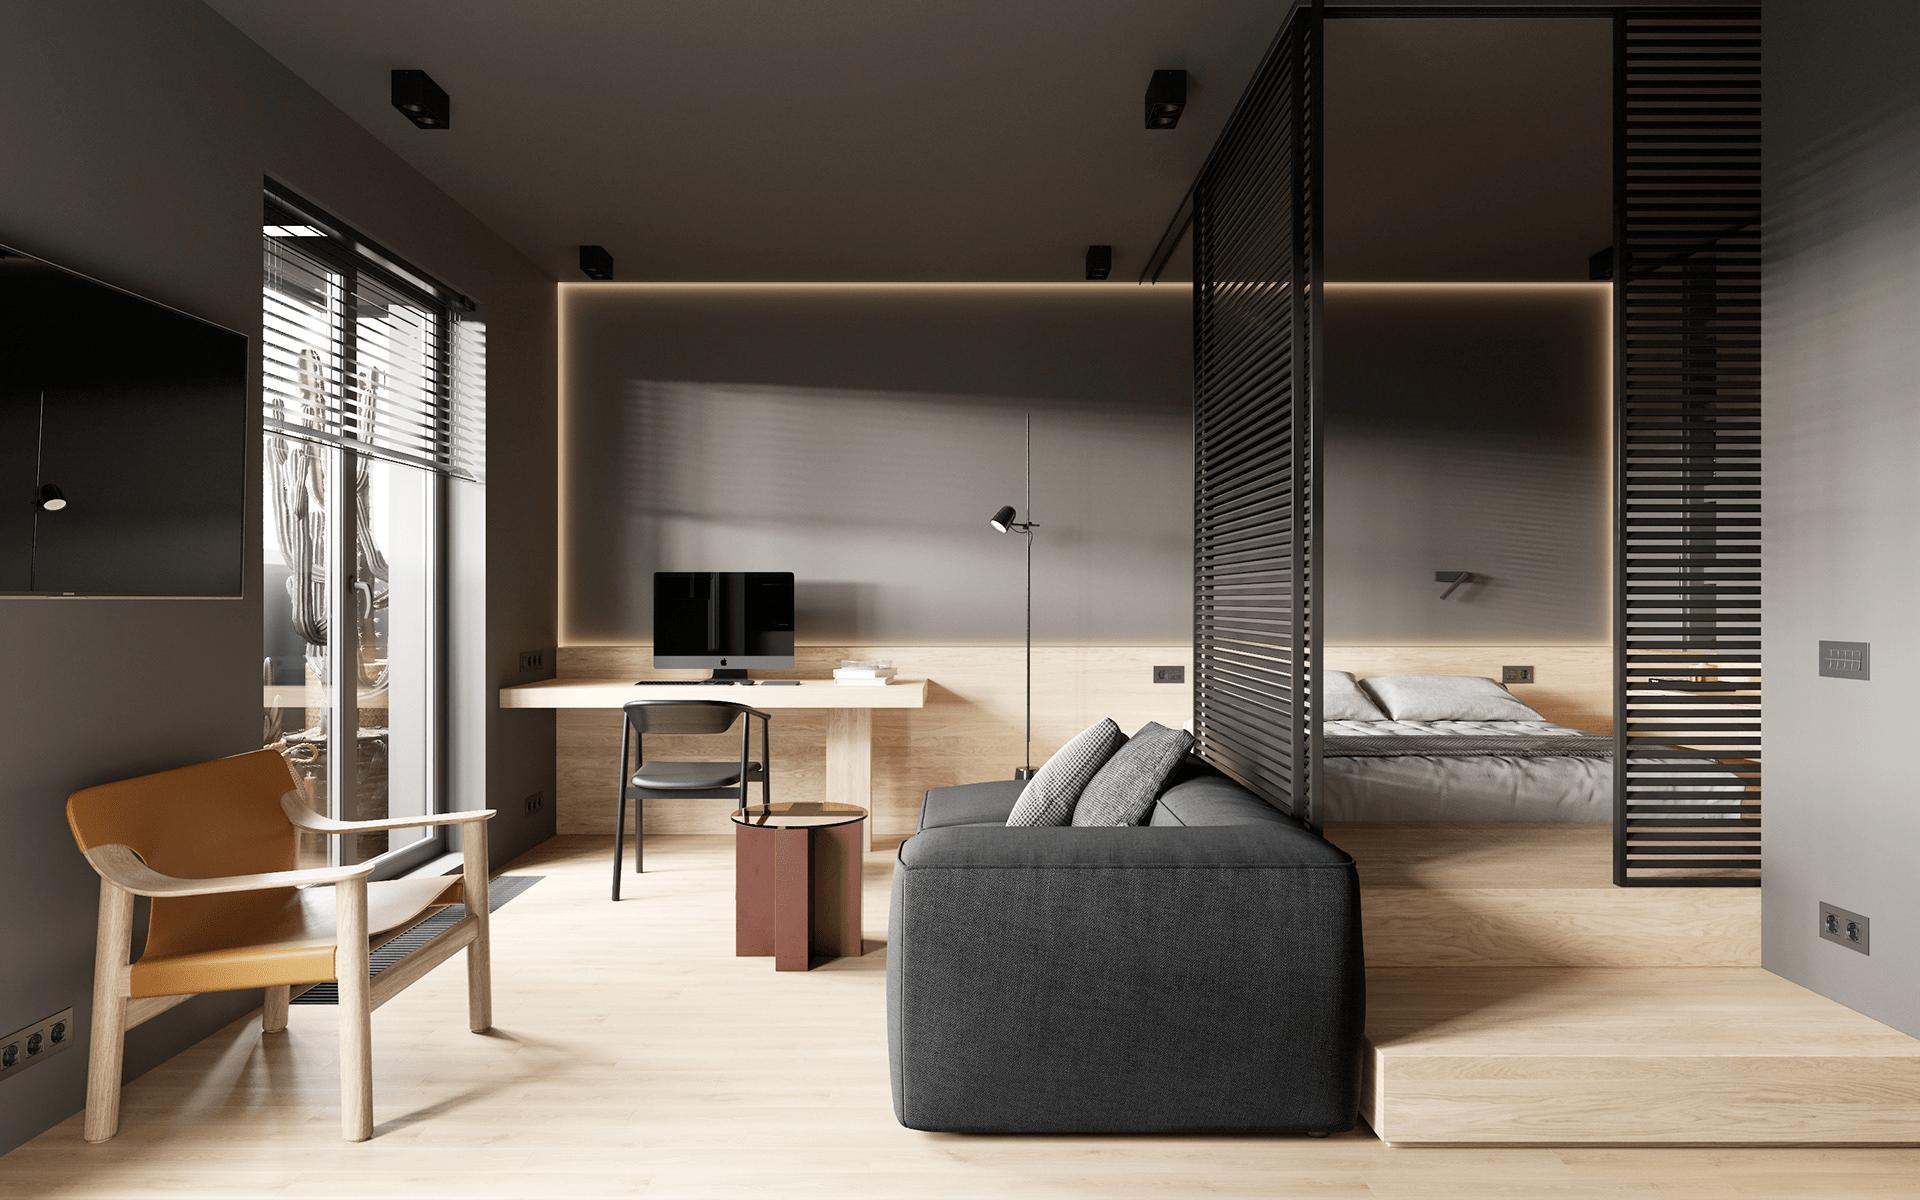 38.4平方米的单人公寓太舒适了,爱辽爱辽